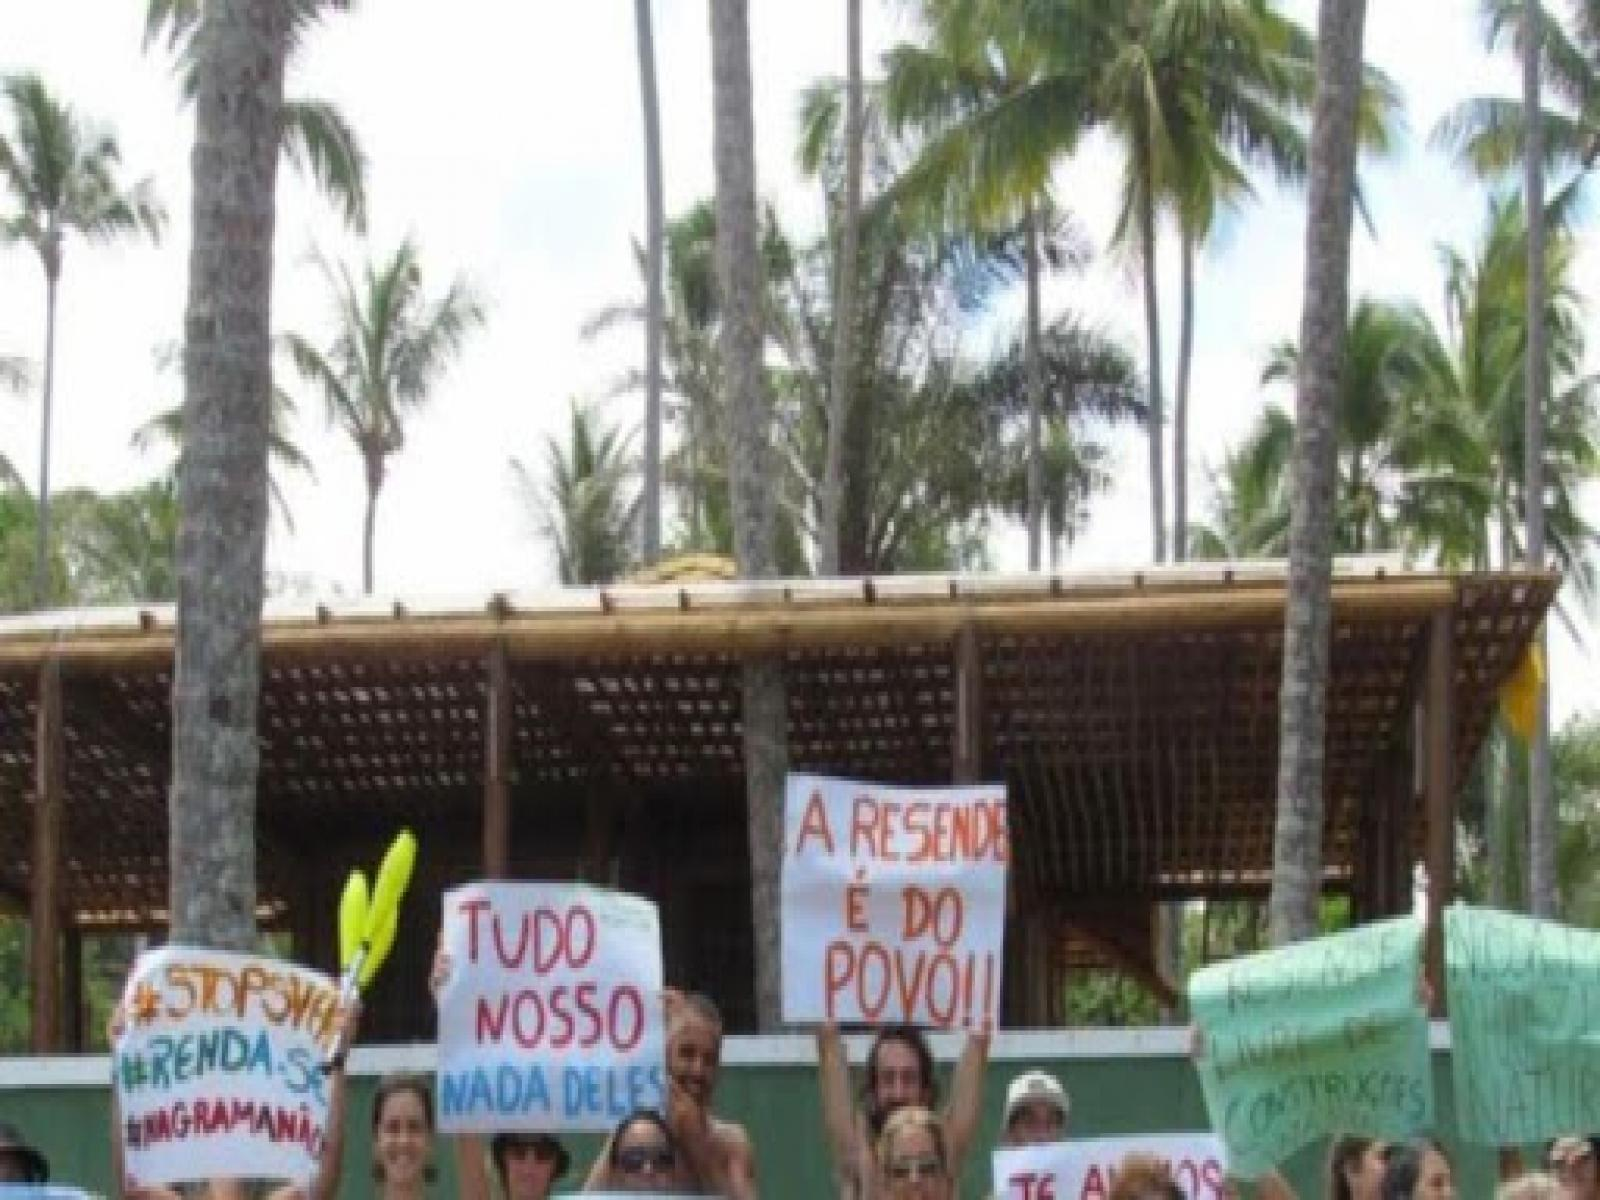 Justiça acata pedido do MP e determina demolição de restaurante em Itacaré